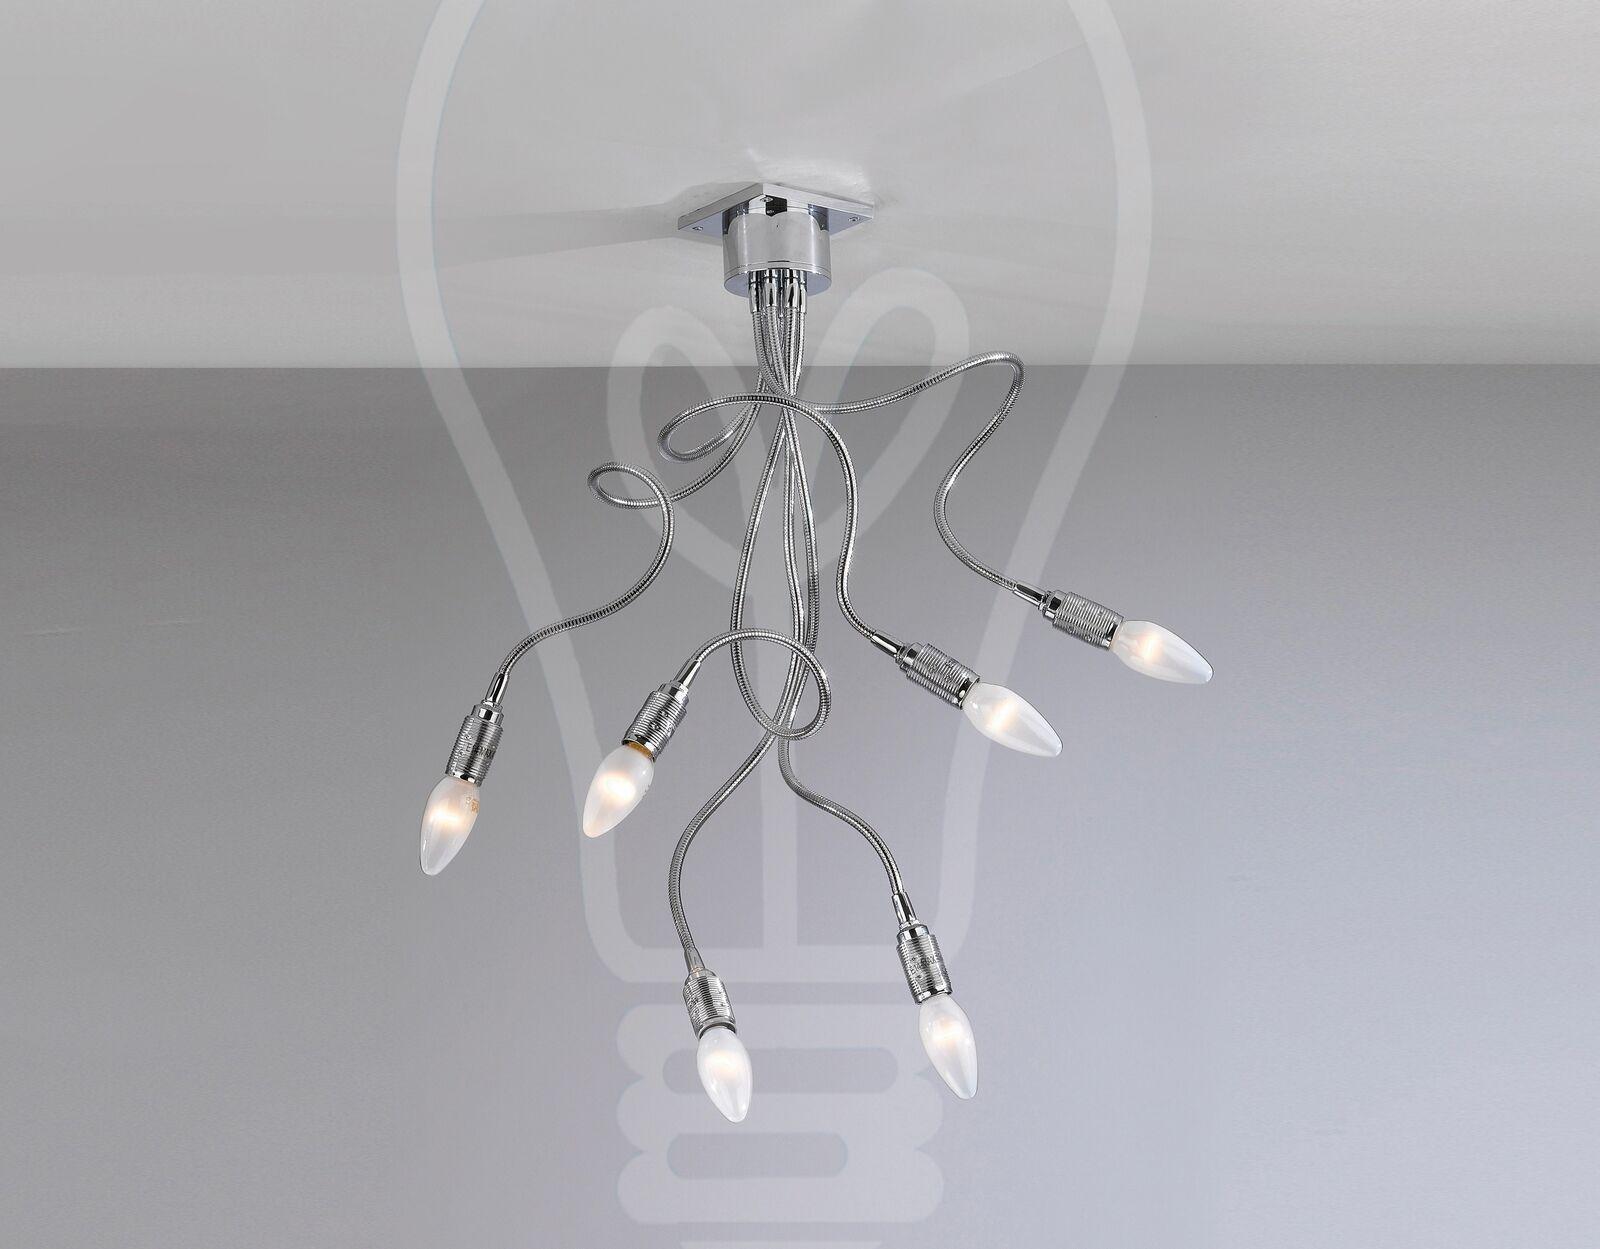 miglior reputazione PLAFONIERA LAMPADA SOFFITTO SOFFITTO SOFFITTO DESIGN ULTRA MODERNO BRACCIA FLESSIBILI BAGNO CUCINA  qualità autentica